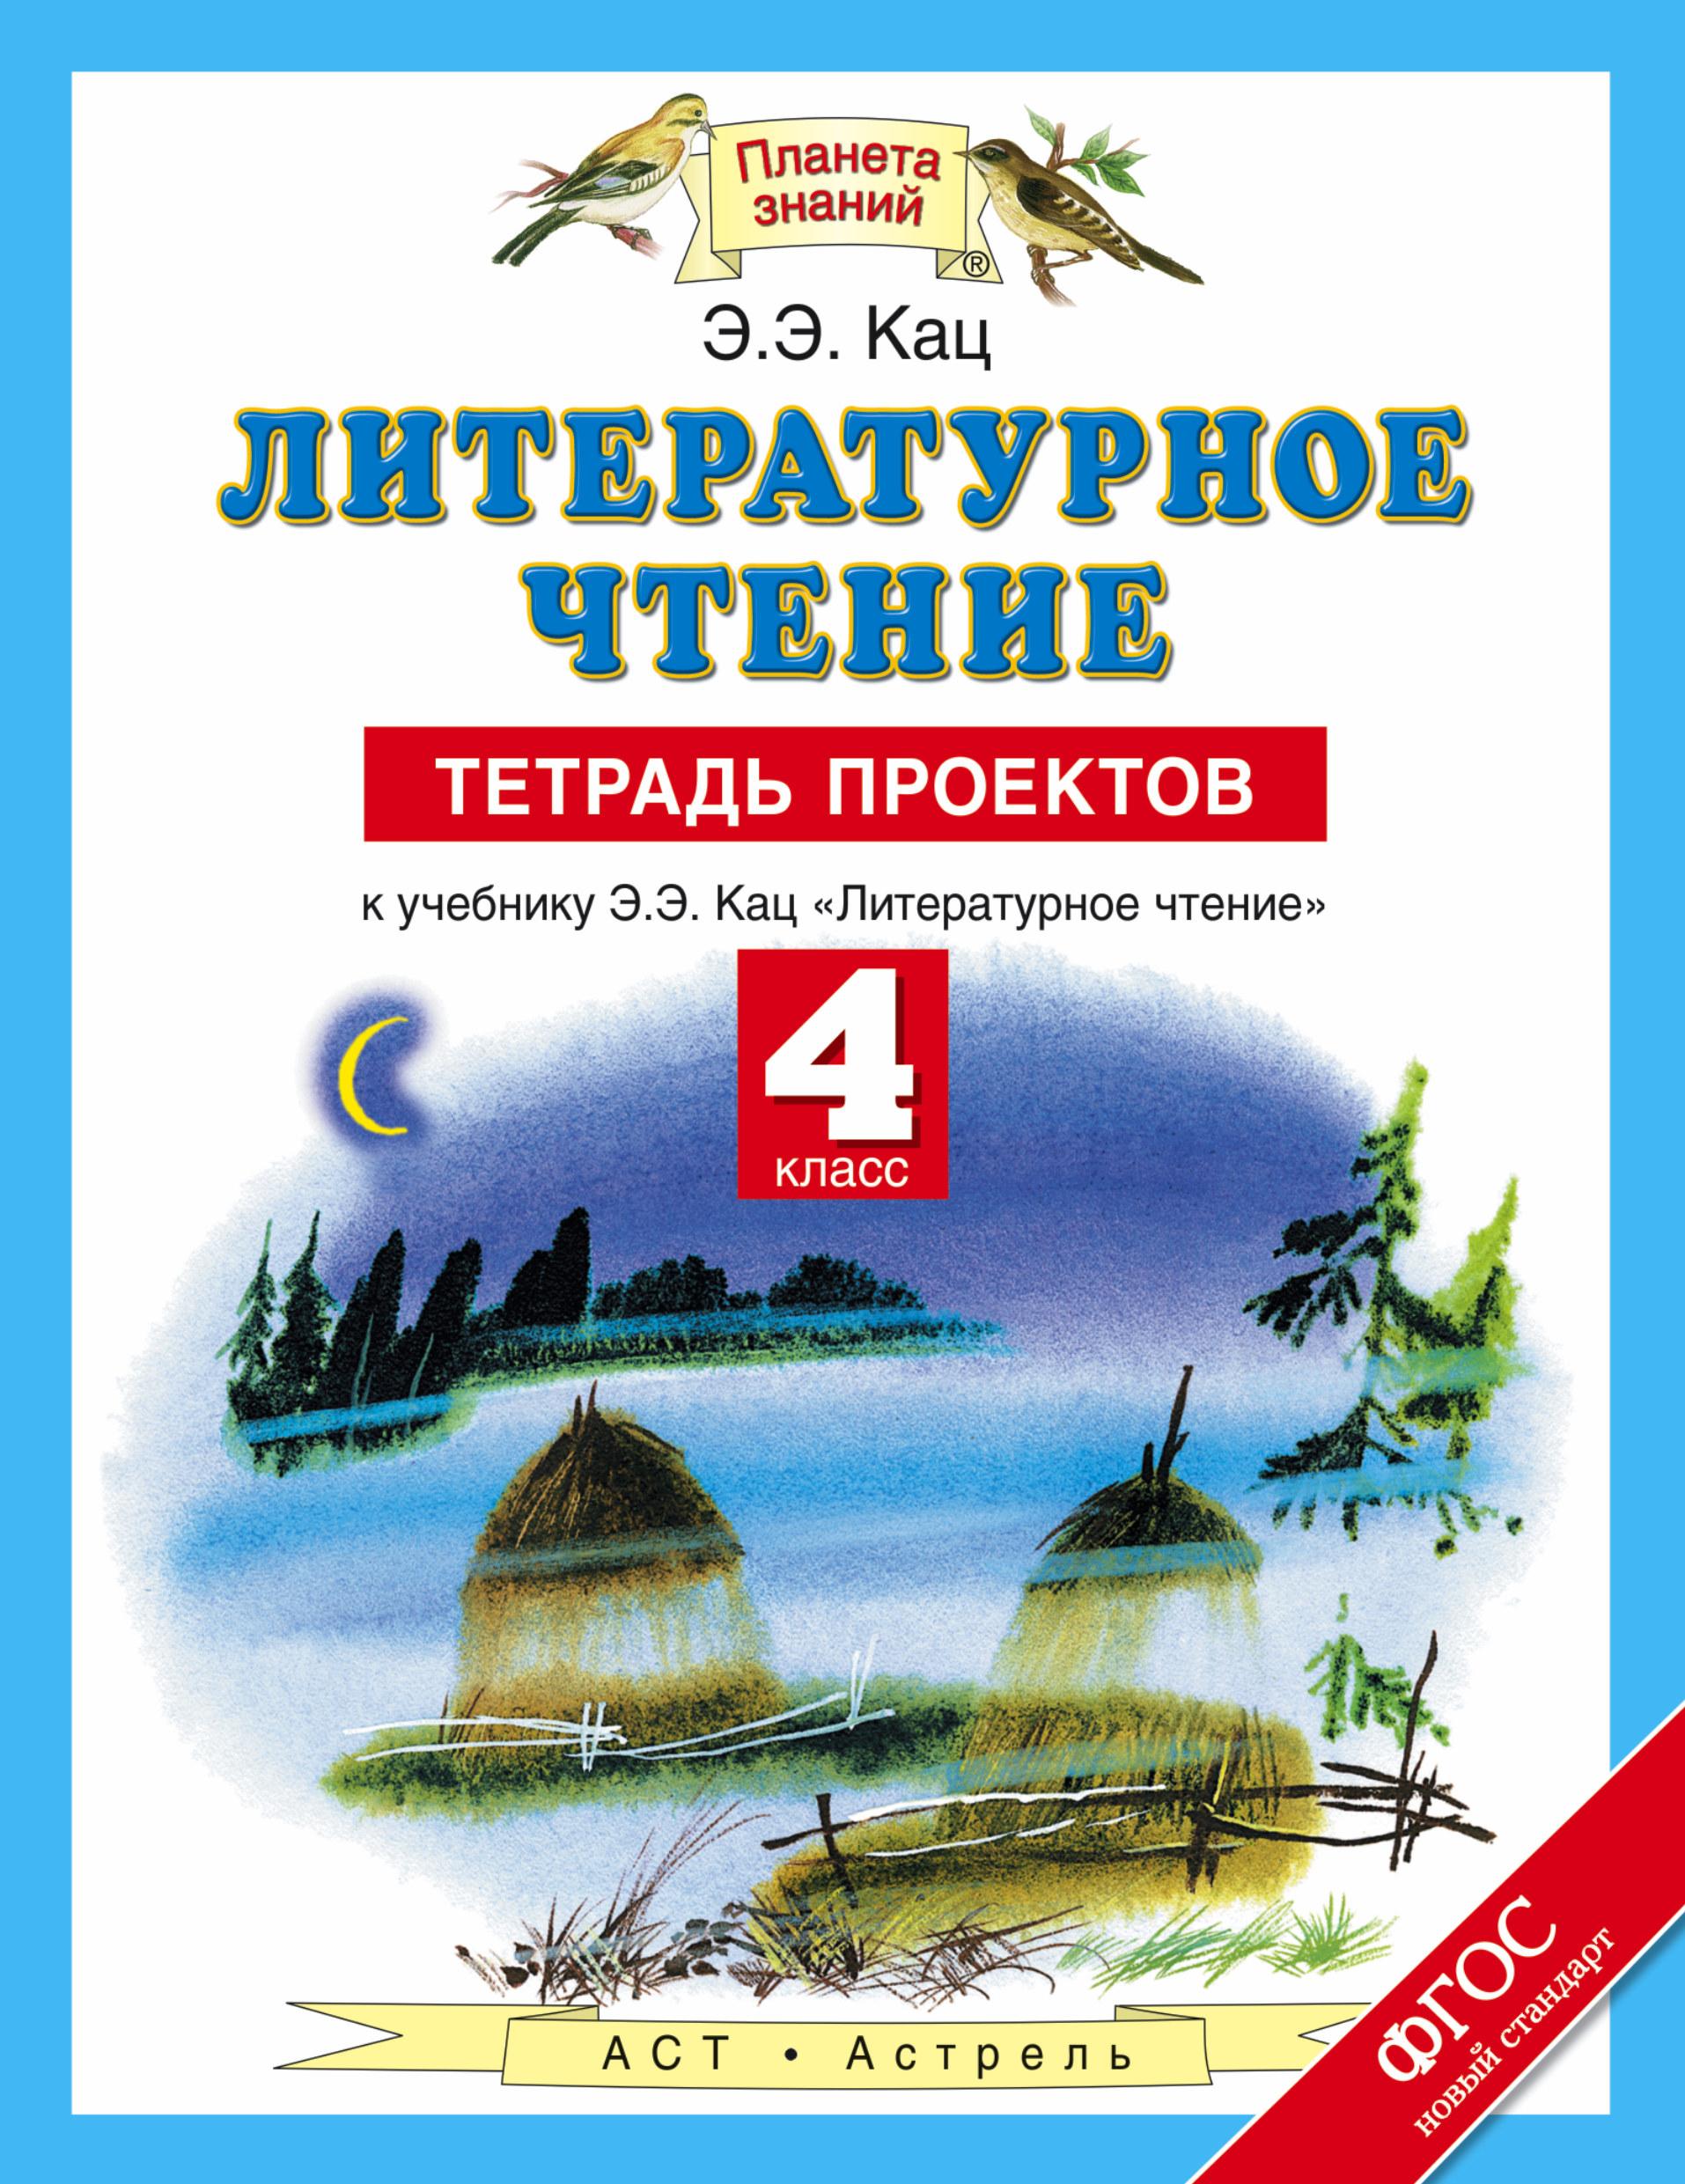 Литературное чтение. 4 класс. Тетрадь проектов ( Кац Э.Э.  )